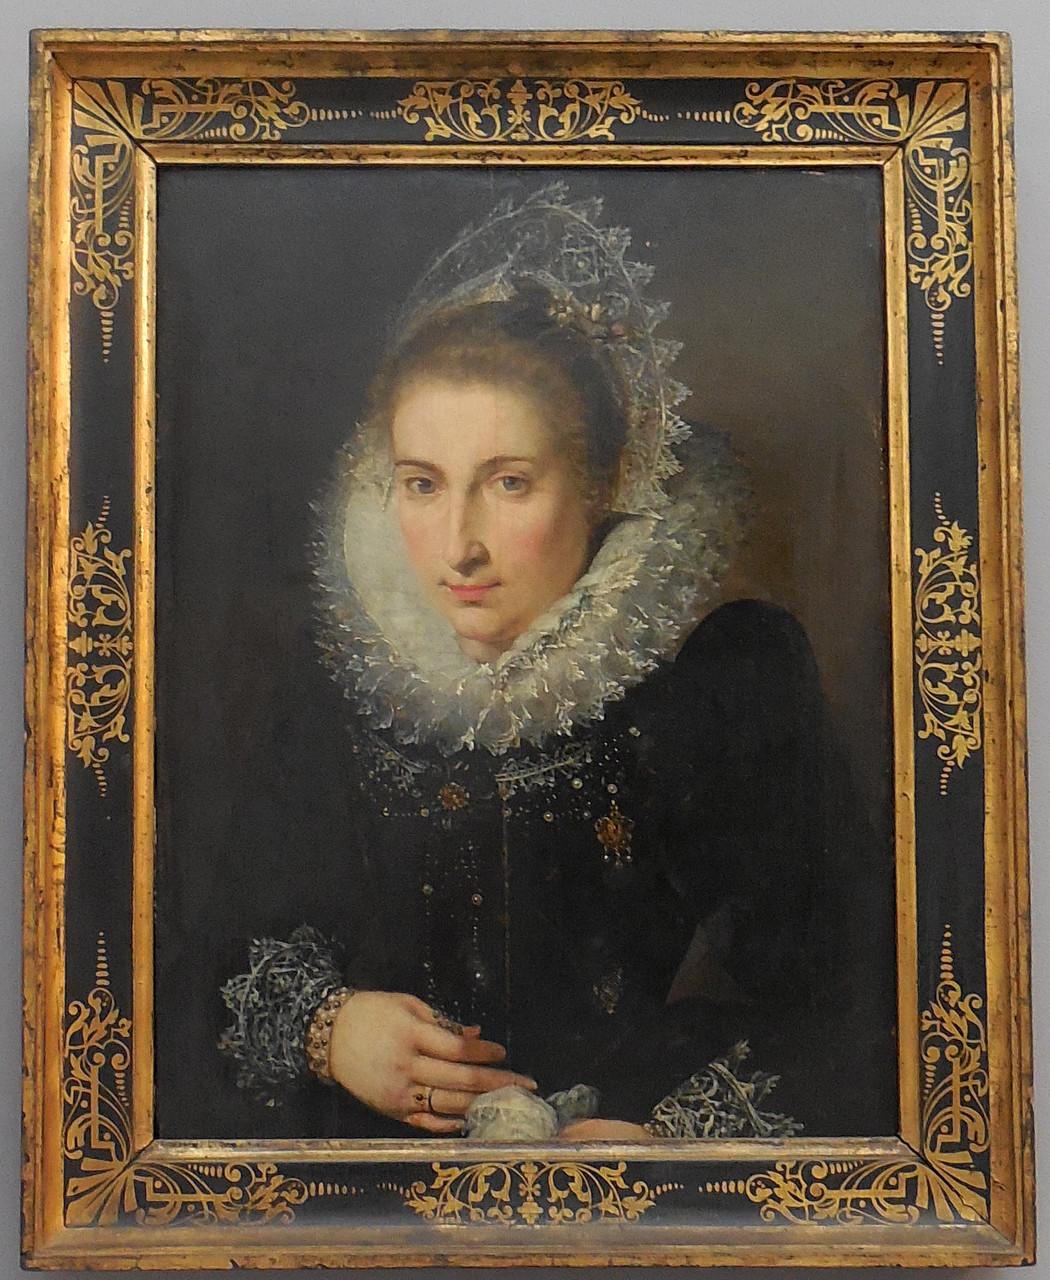 Anonyme, Portrait de femme, école flamande, XVIIe, huile sur toile  / Musée Boucher-de-Perthes, Abbeville / photo JH